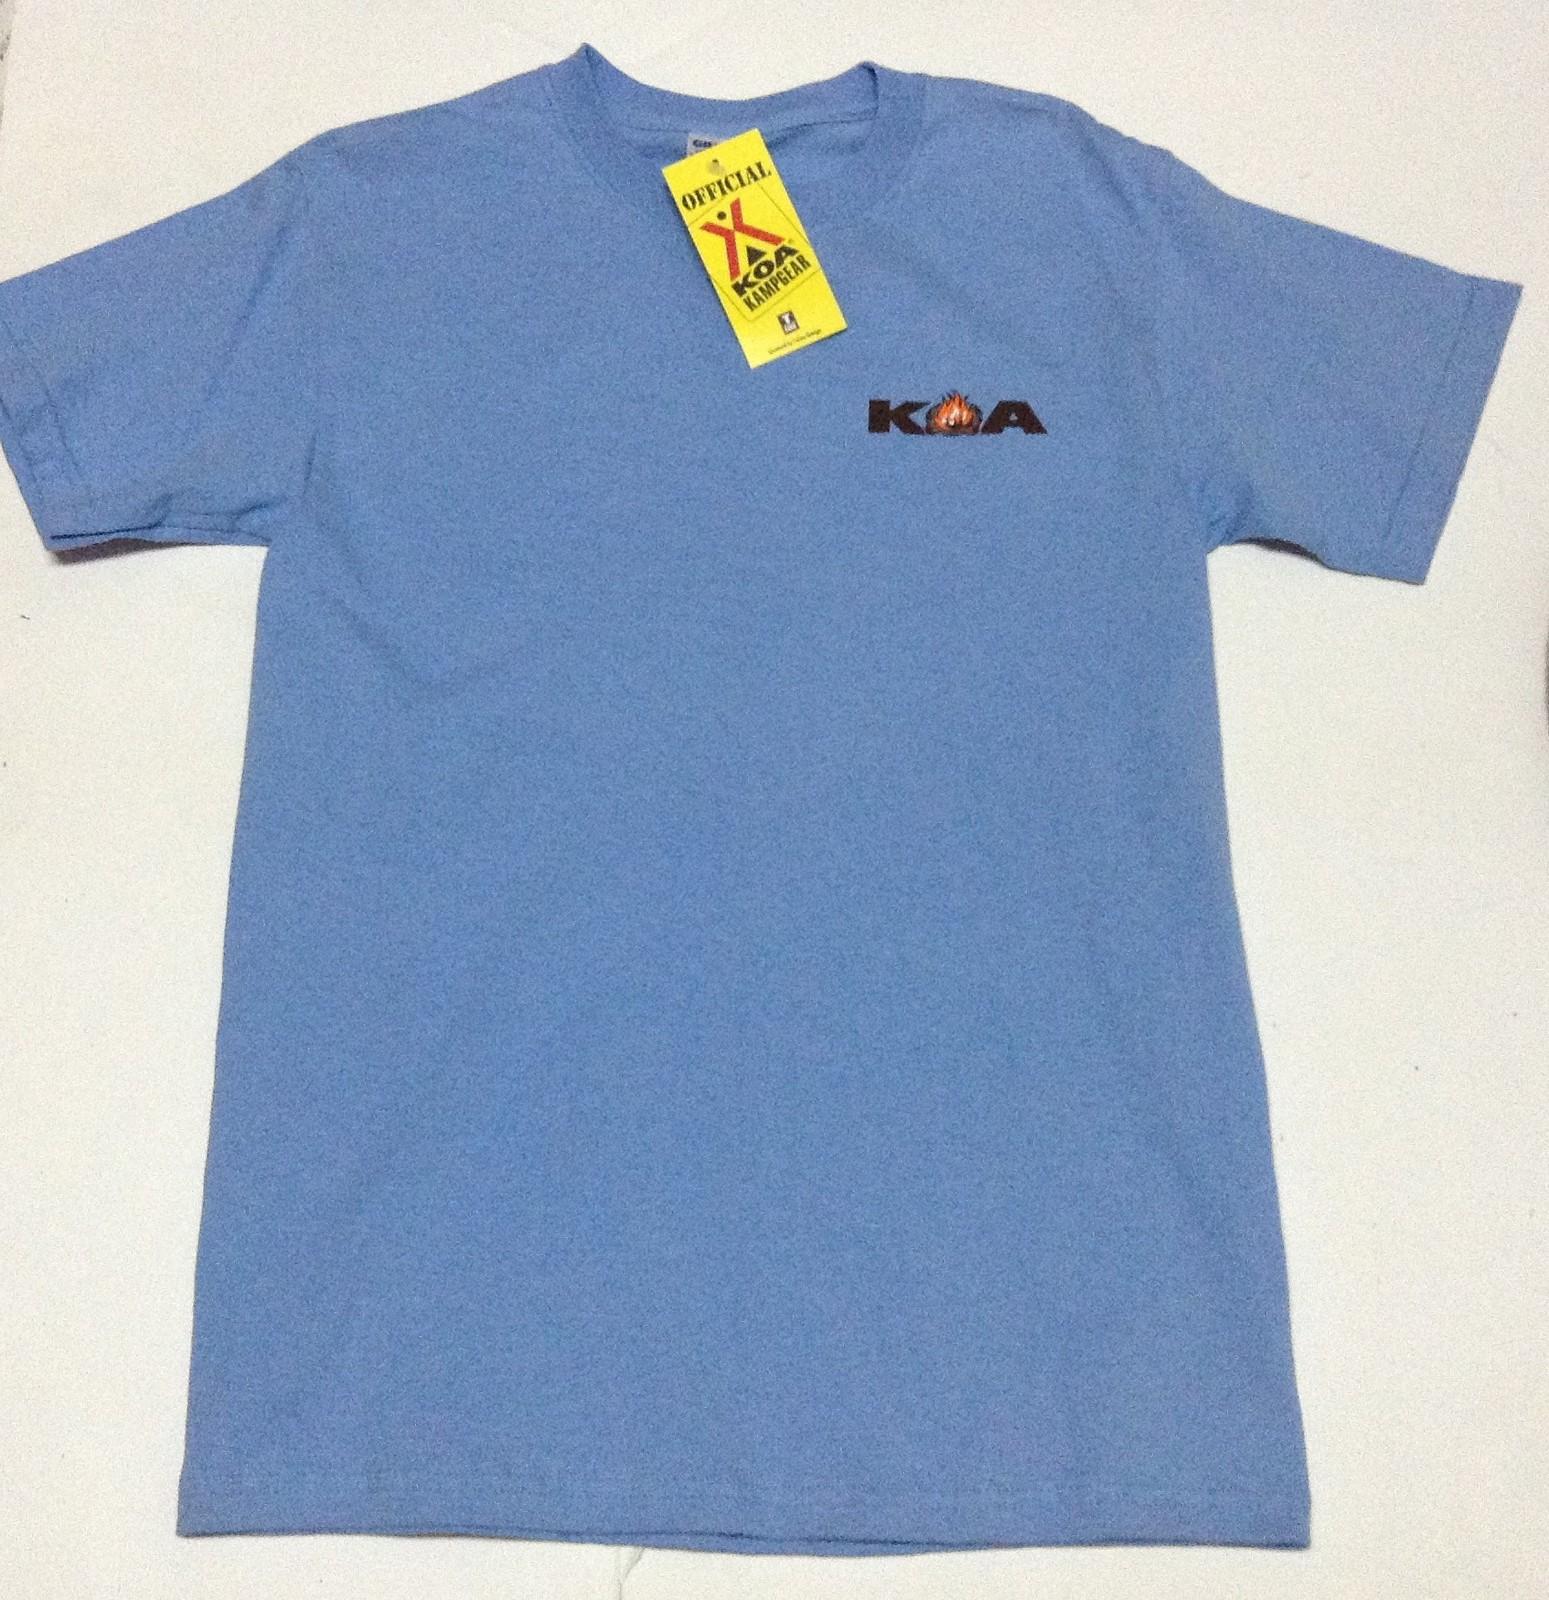 KOA Kamp Gear Short Sleeve NWT T-Shirt Official Sz Adult S Blue Ultra Cotton